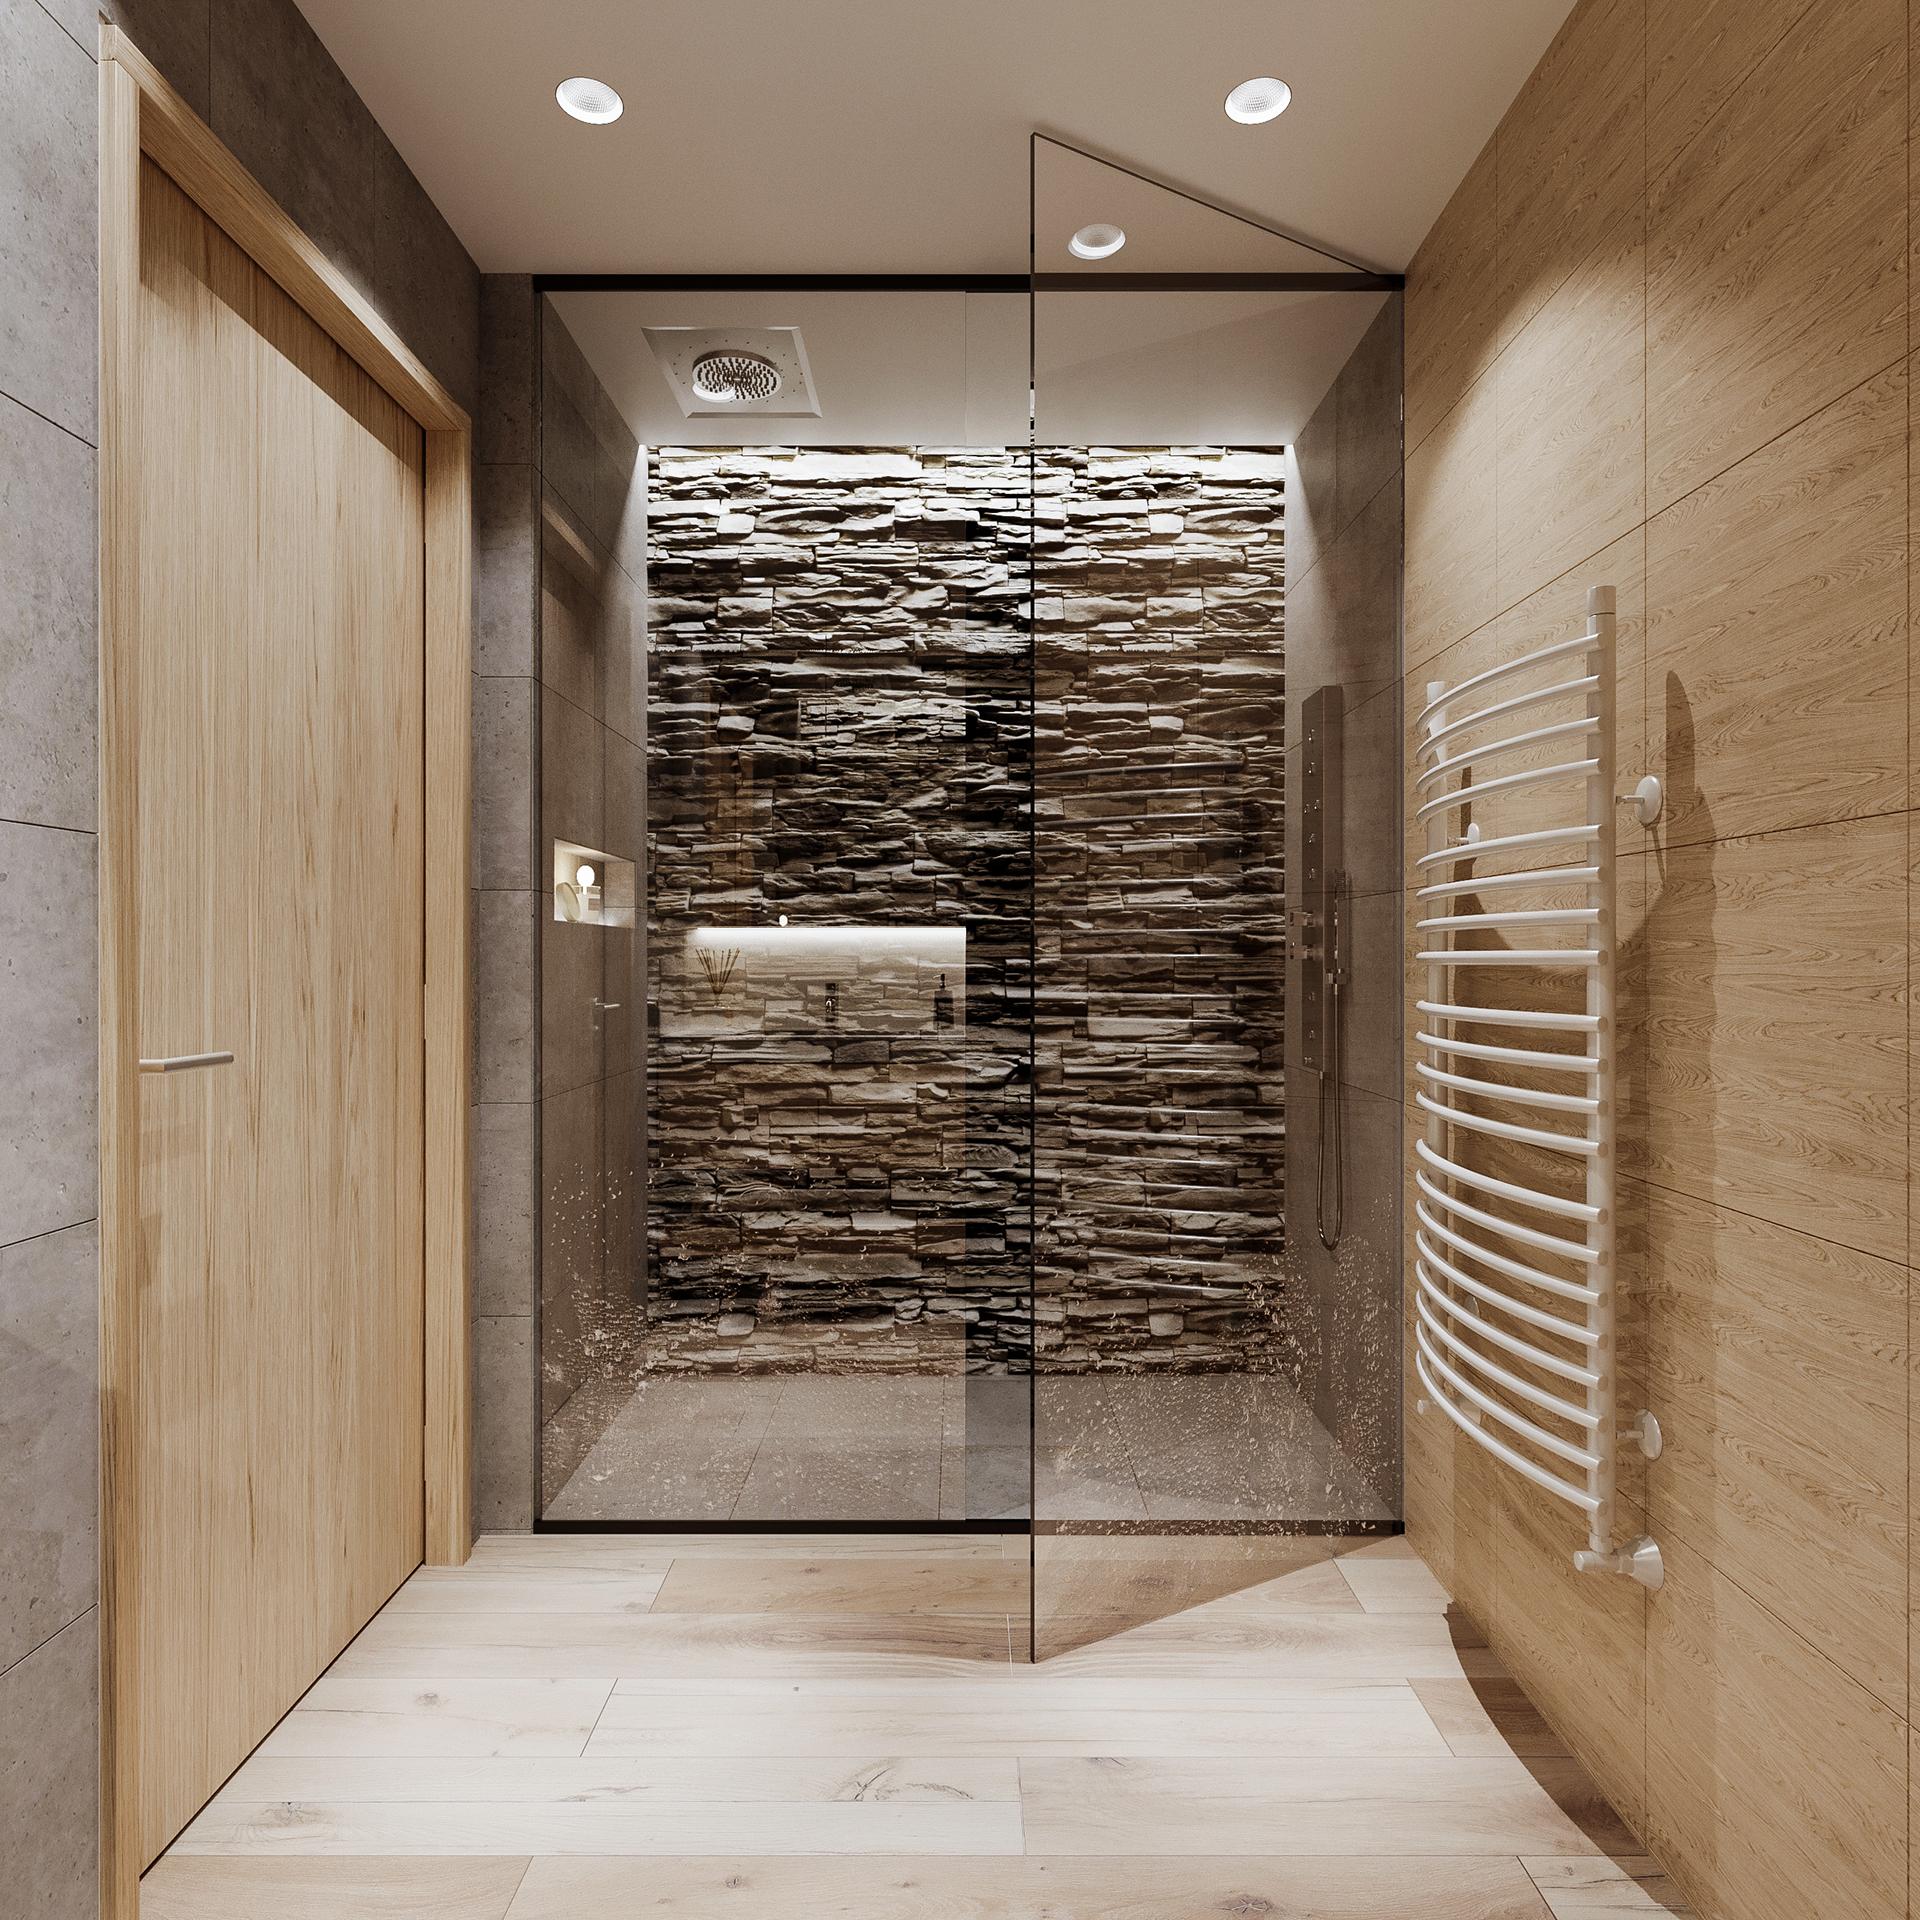 Vasca Da Bagno Enorme come arredare un bagno piccolo: 7 segreti dell'architetto